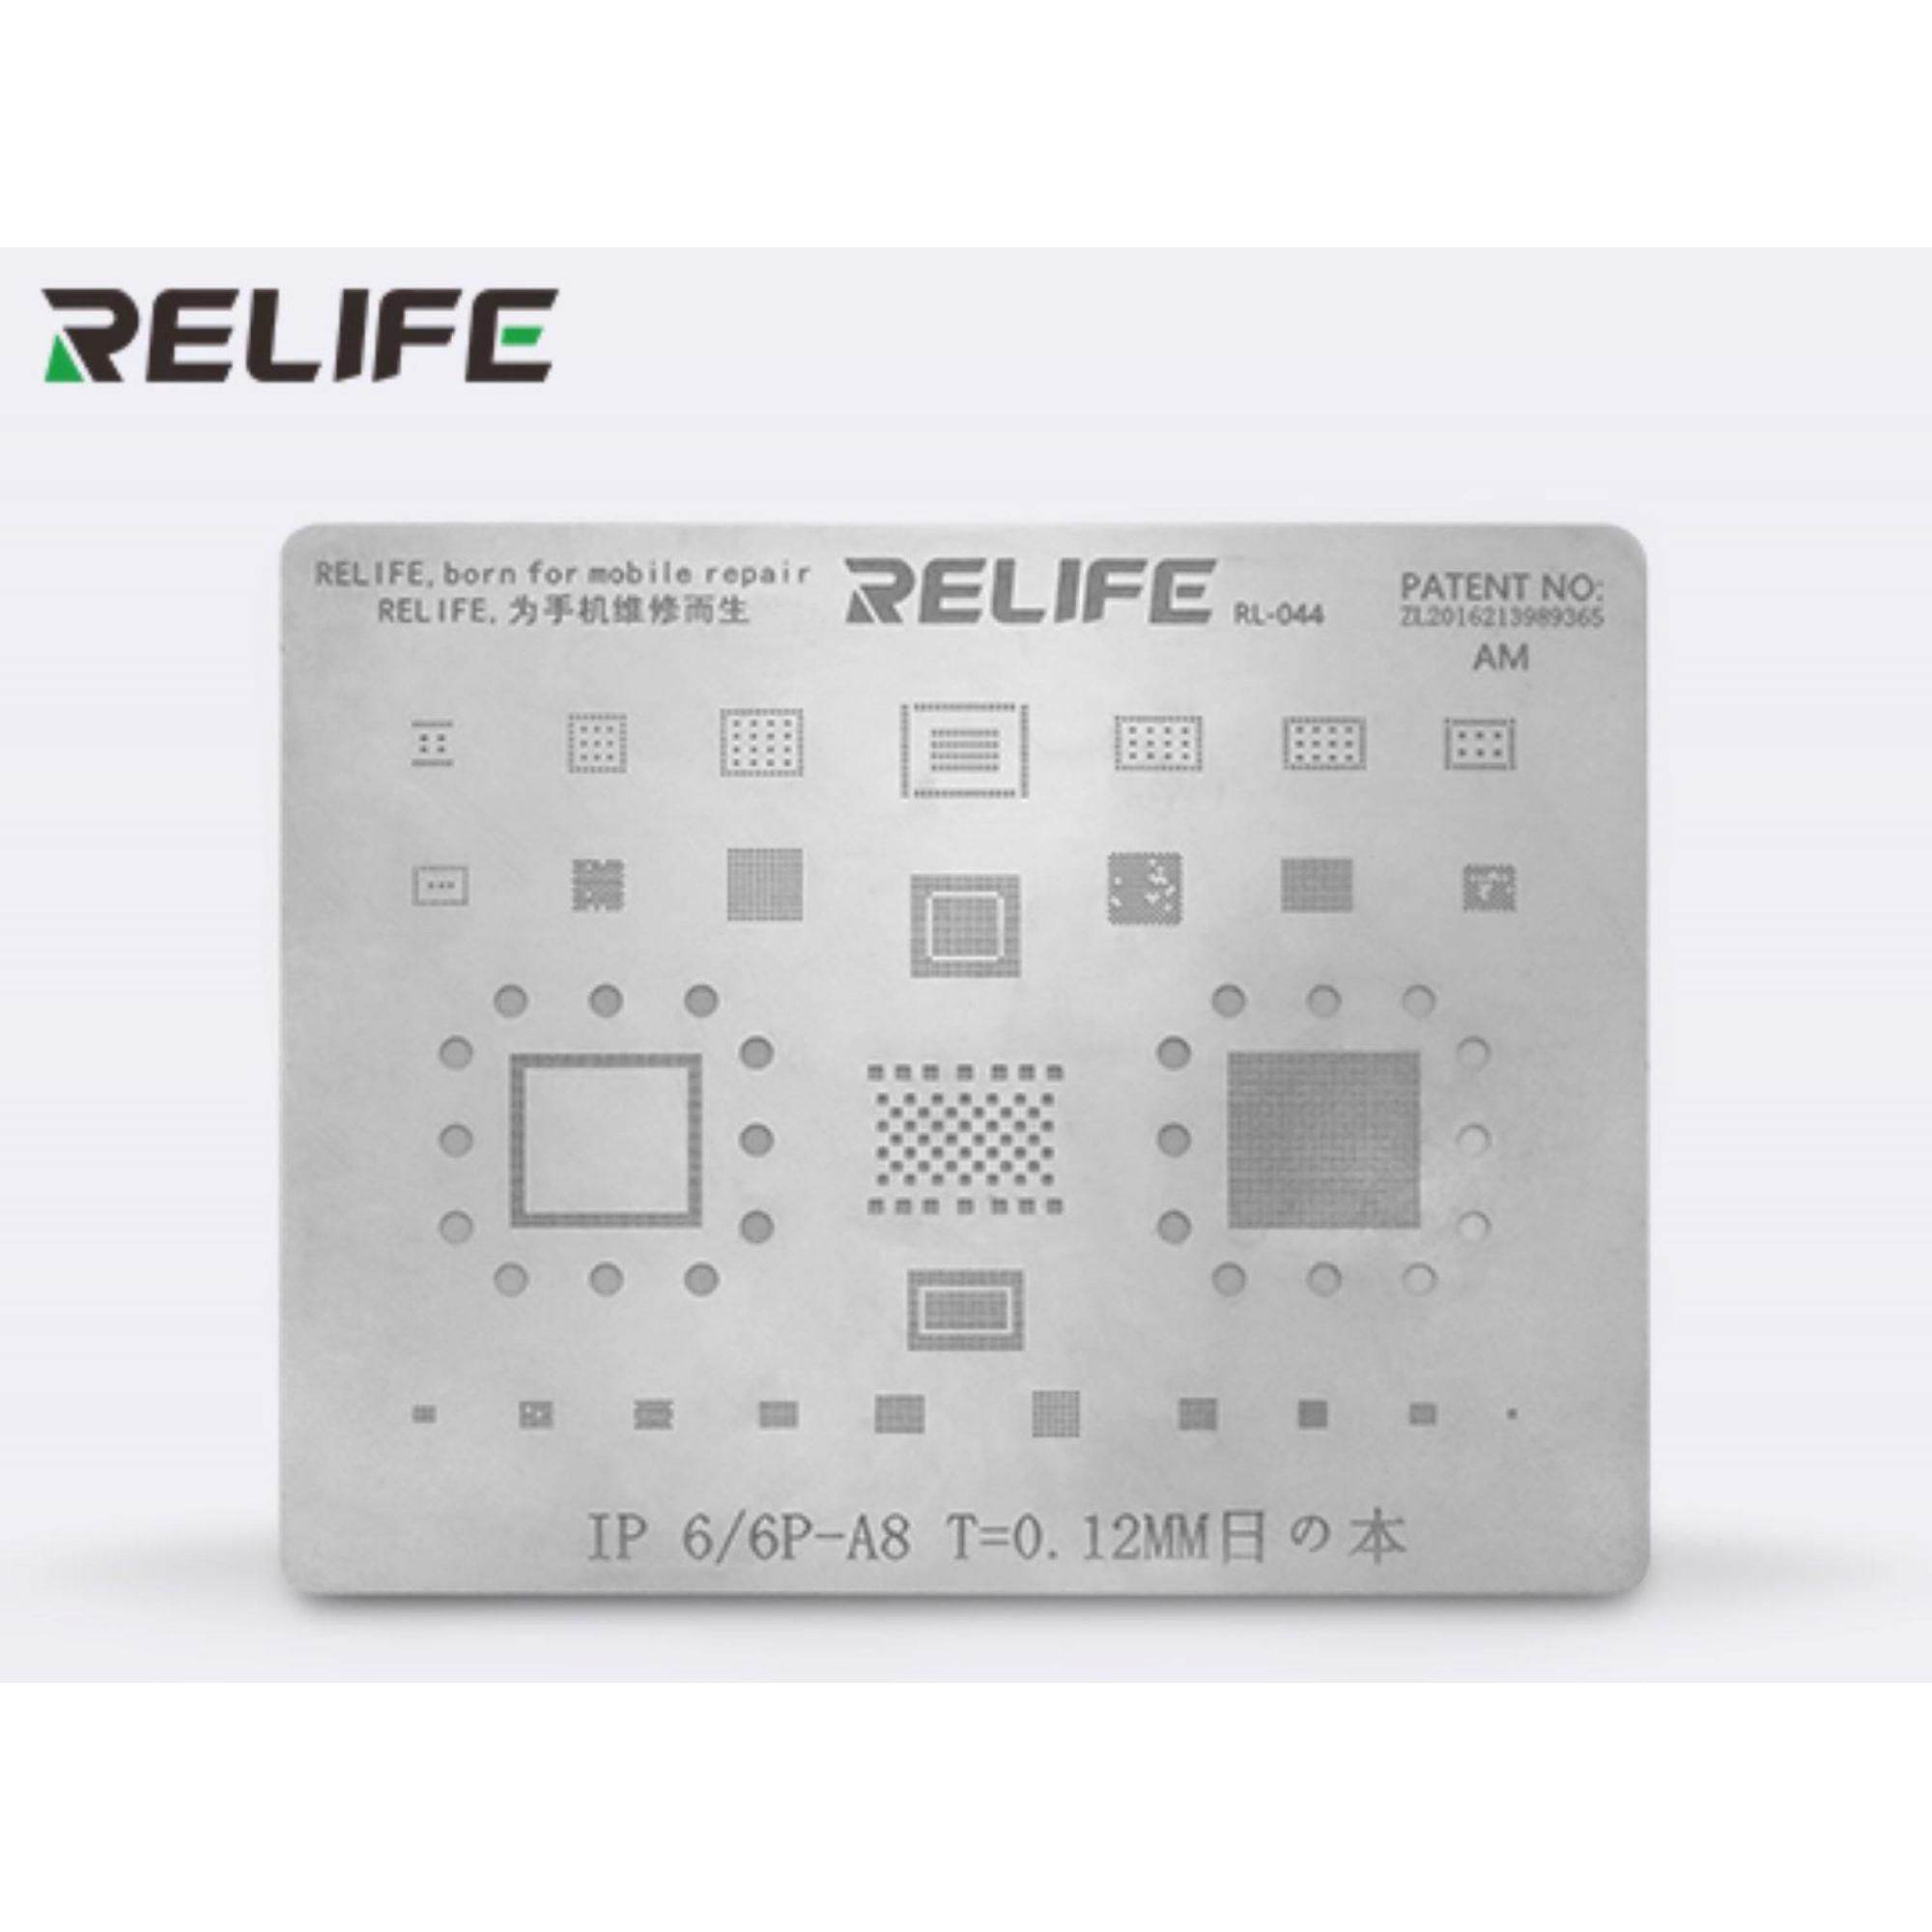 Relife Rl-044 Precisão Bga Stencils Para iPhone 6g-11 pro max max ICs e CPU A8-A13